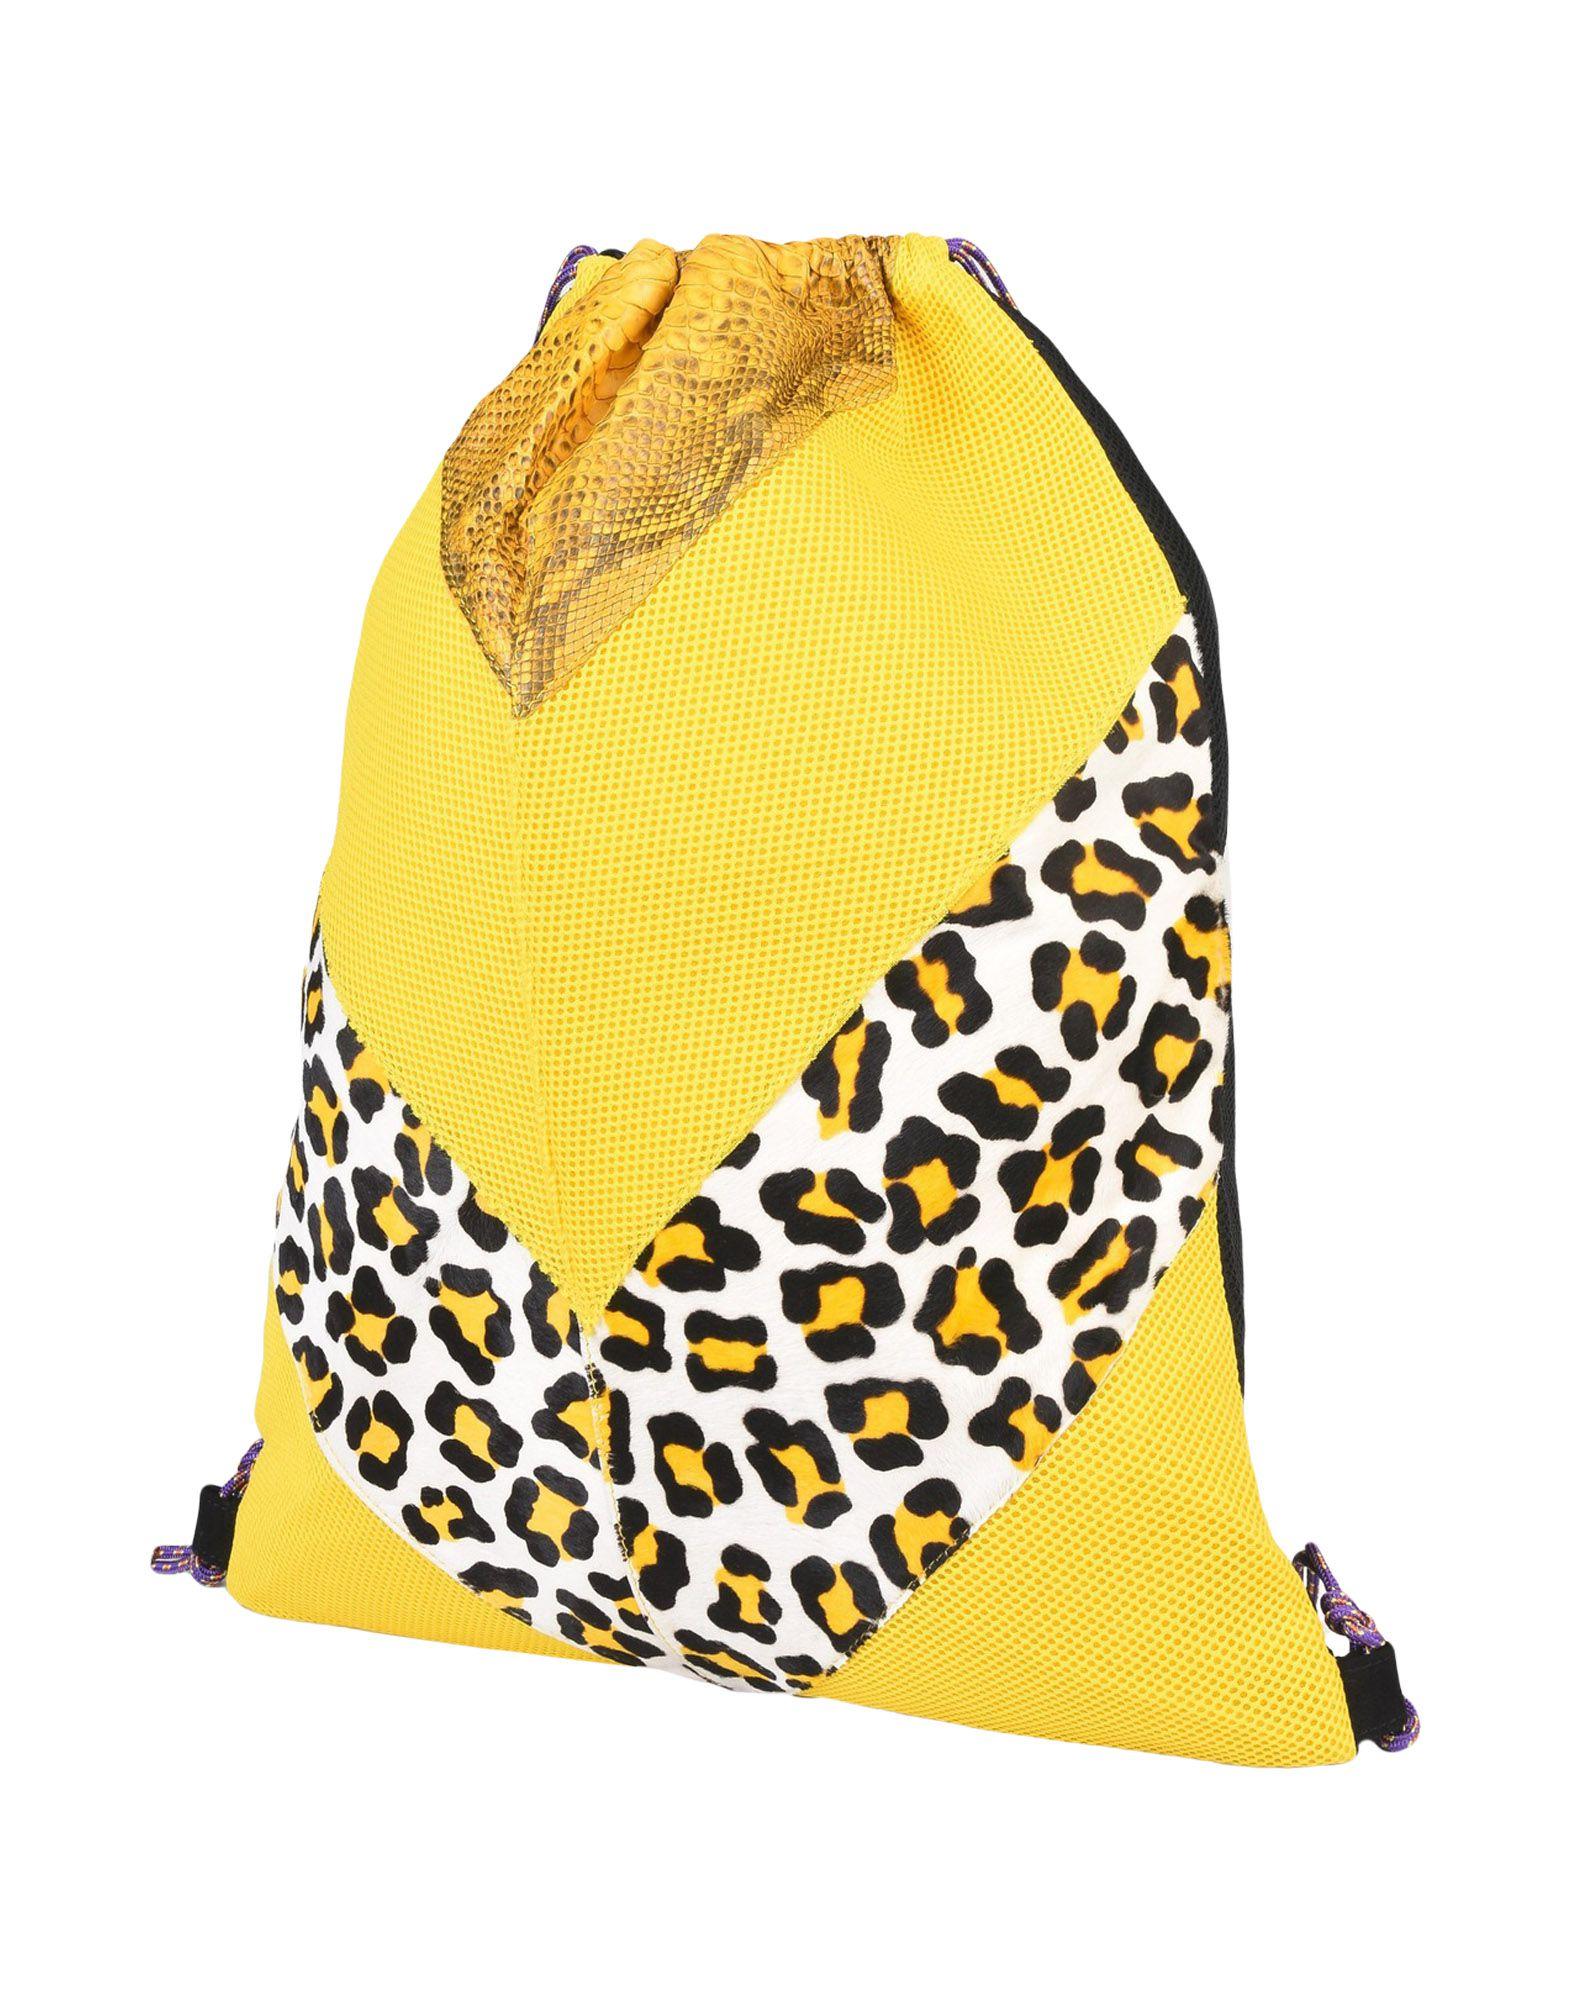 IMEMOI Рюкзаки и сумки на пояс дизайнер высокое качество натуральная кожа женские винтажные овчины твердые школьные сумки mochilas mujer 2017 рюкзаки для девочек